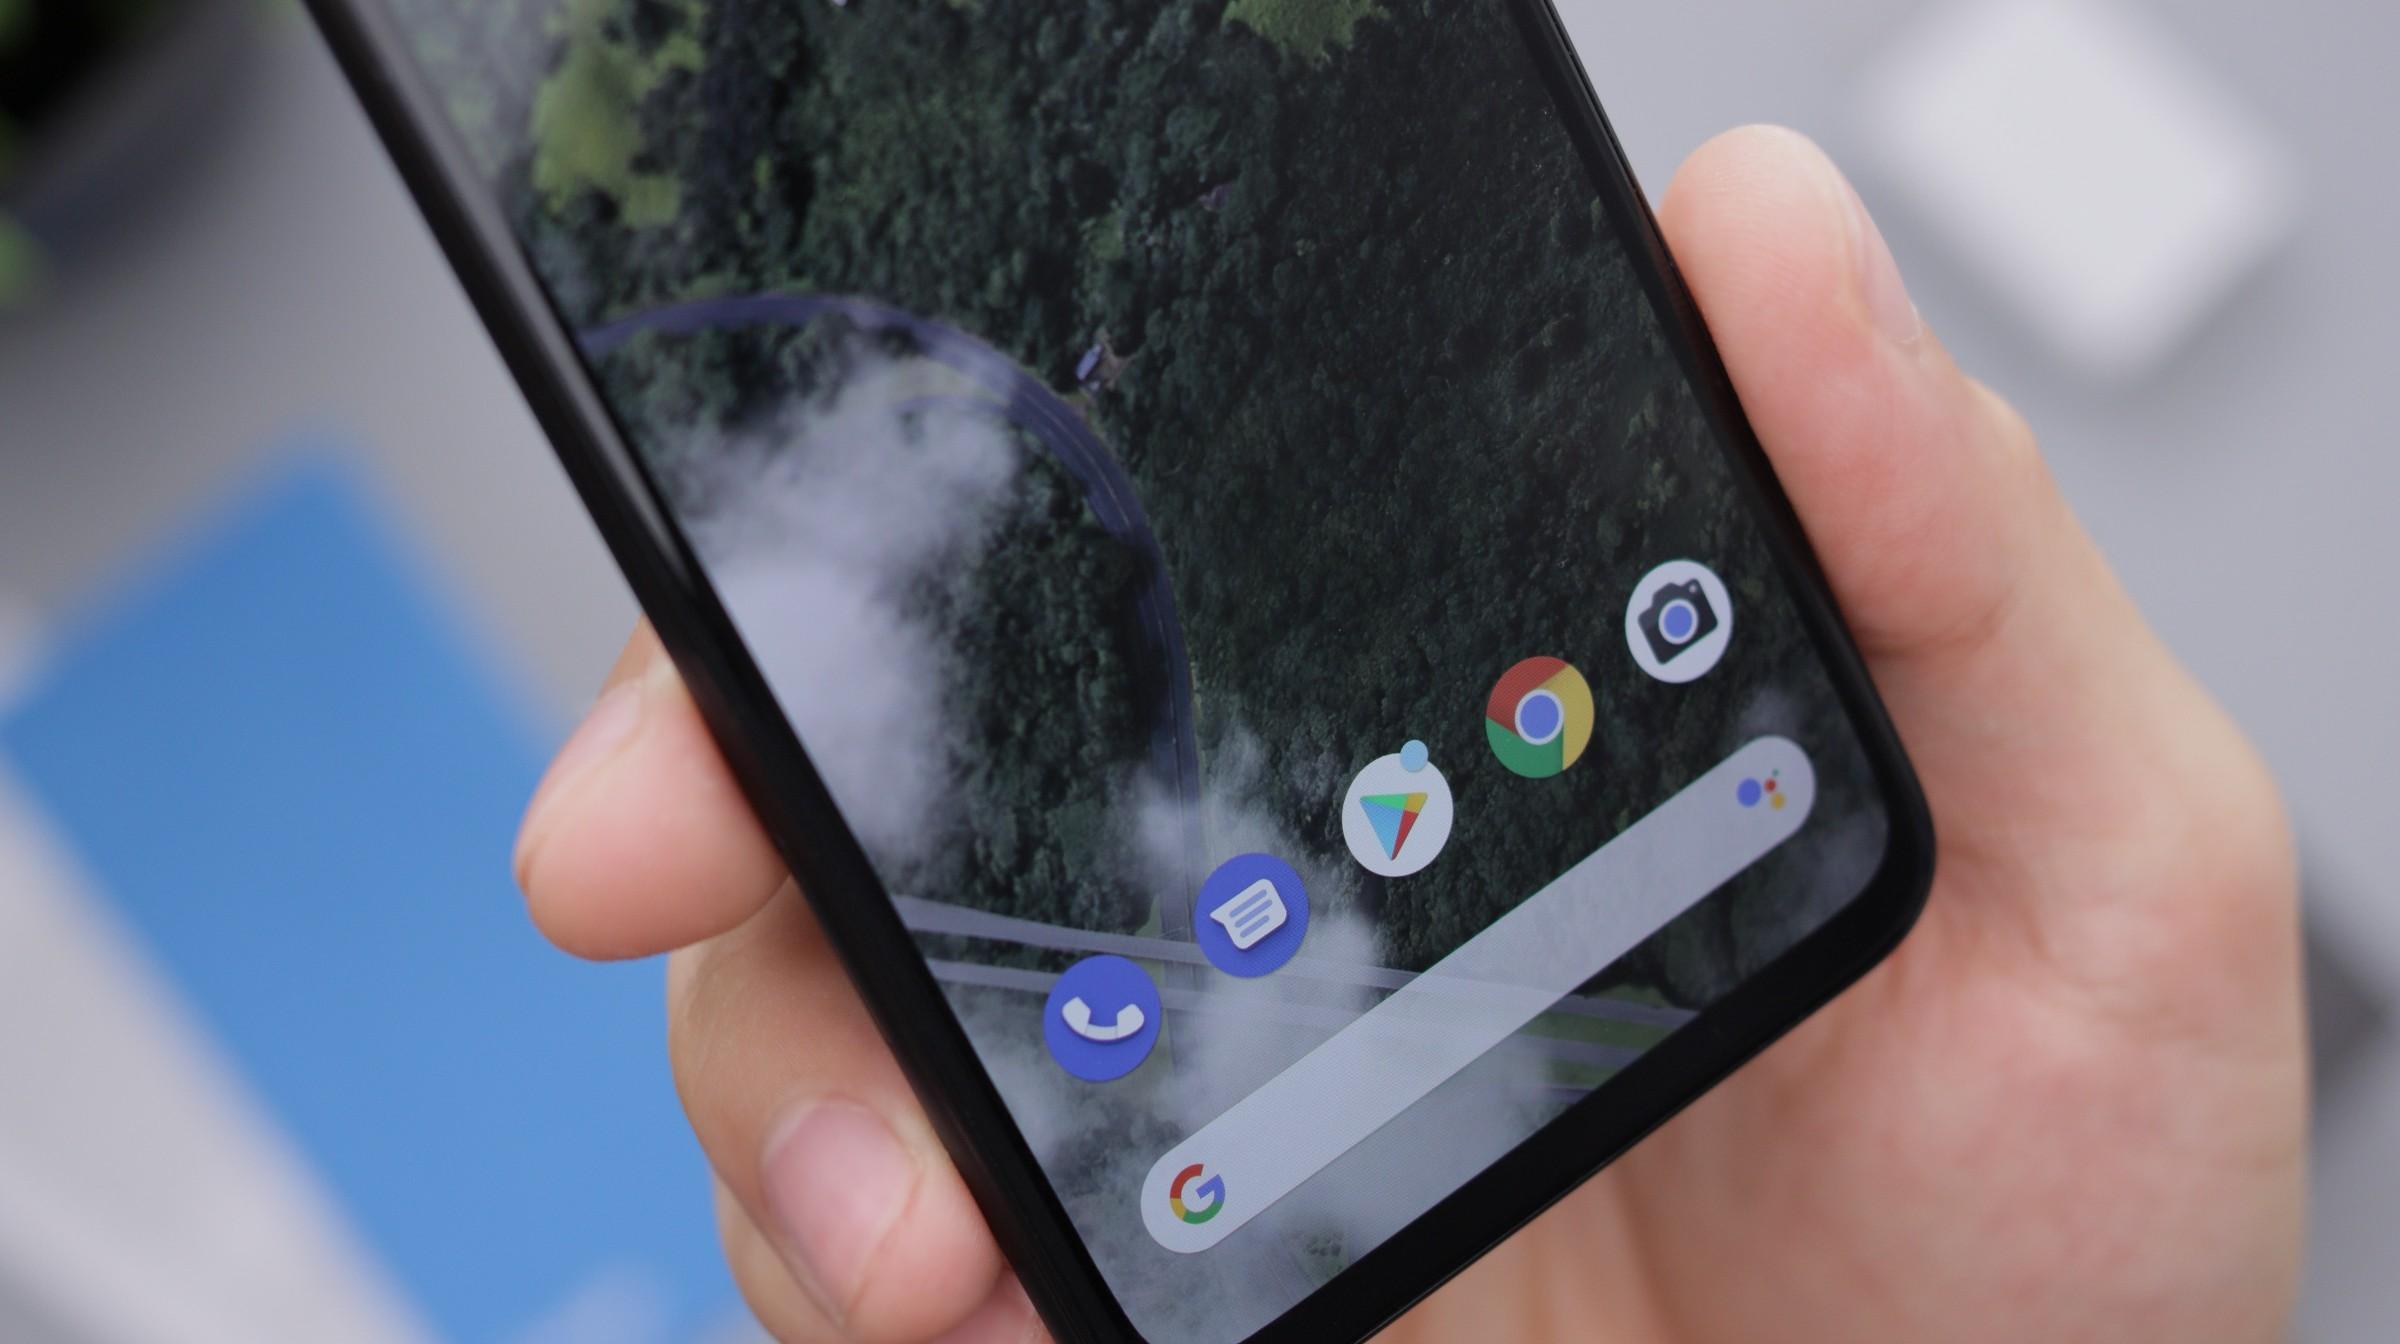 Acuerdos con fabricantes dieron una oportunidad a Android contra Apple: Google